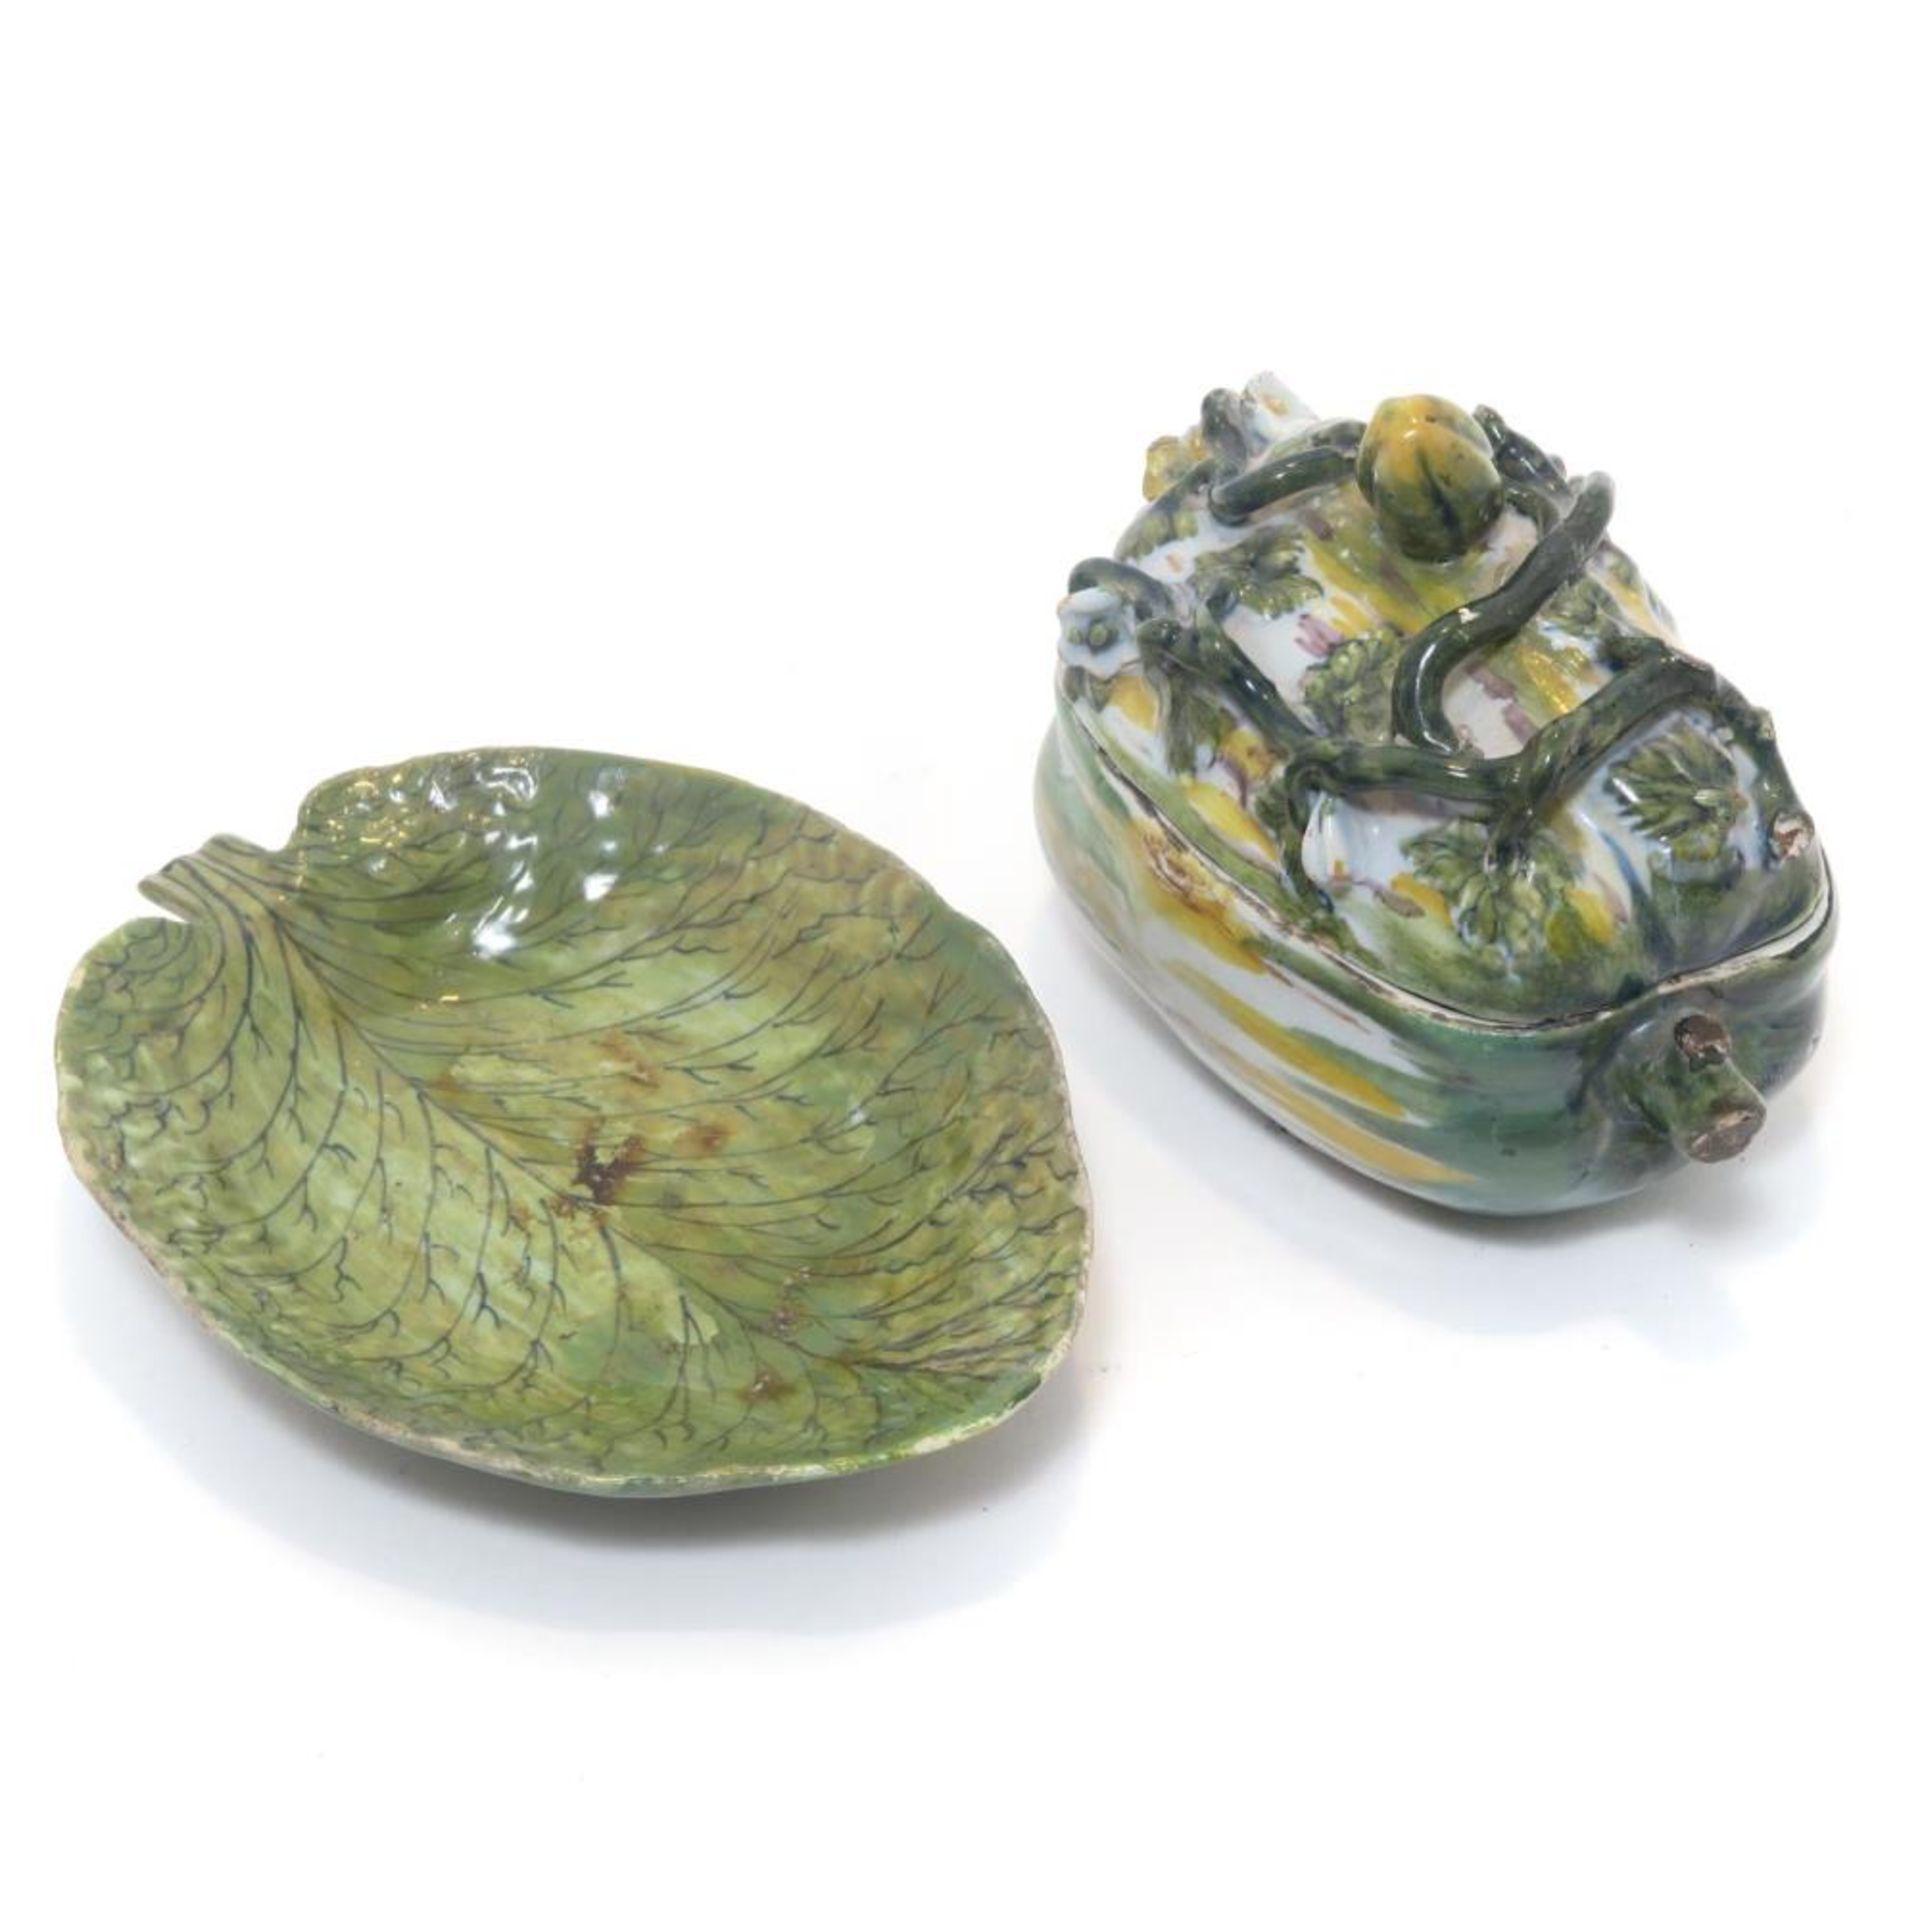 Melonen-Terrine und Blattschale